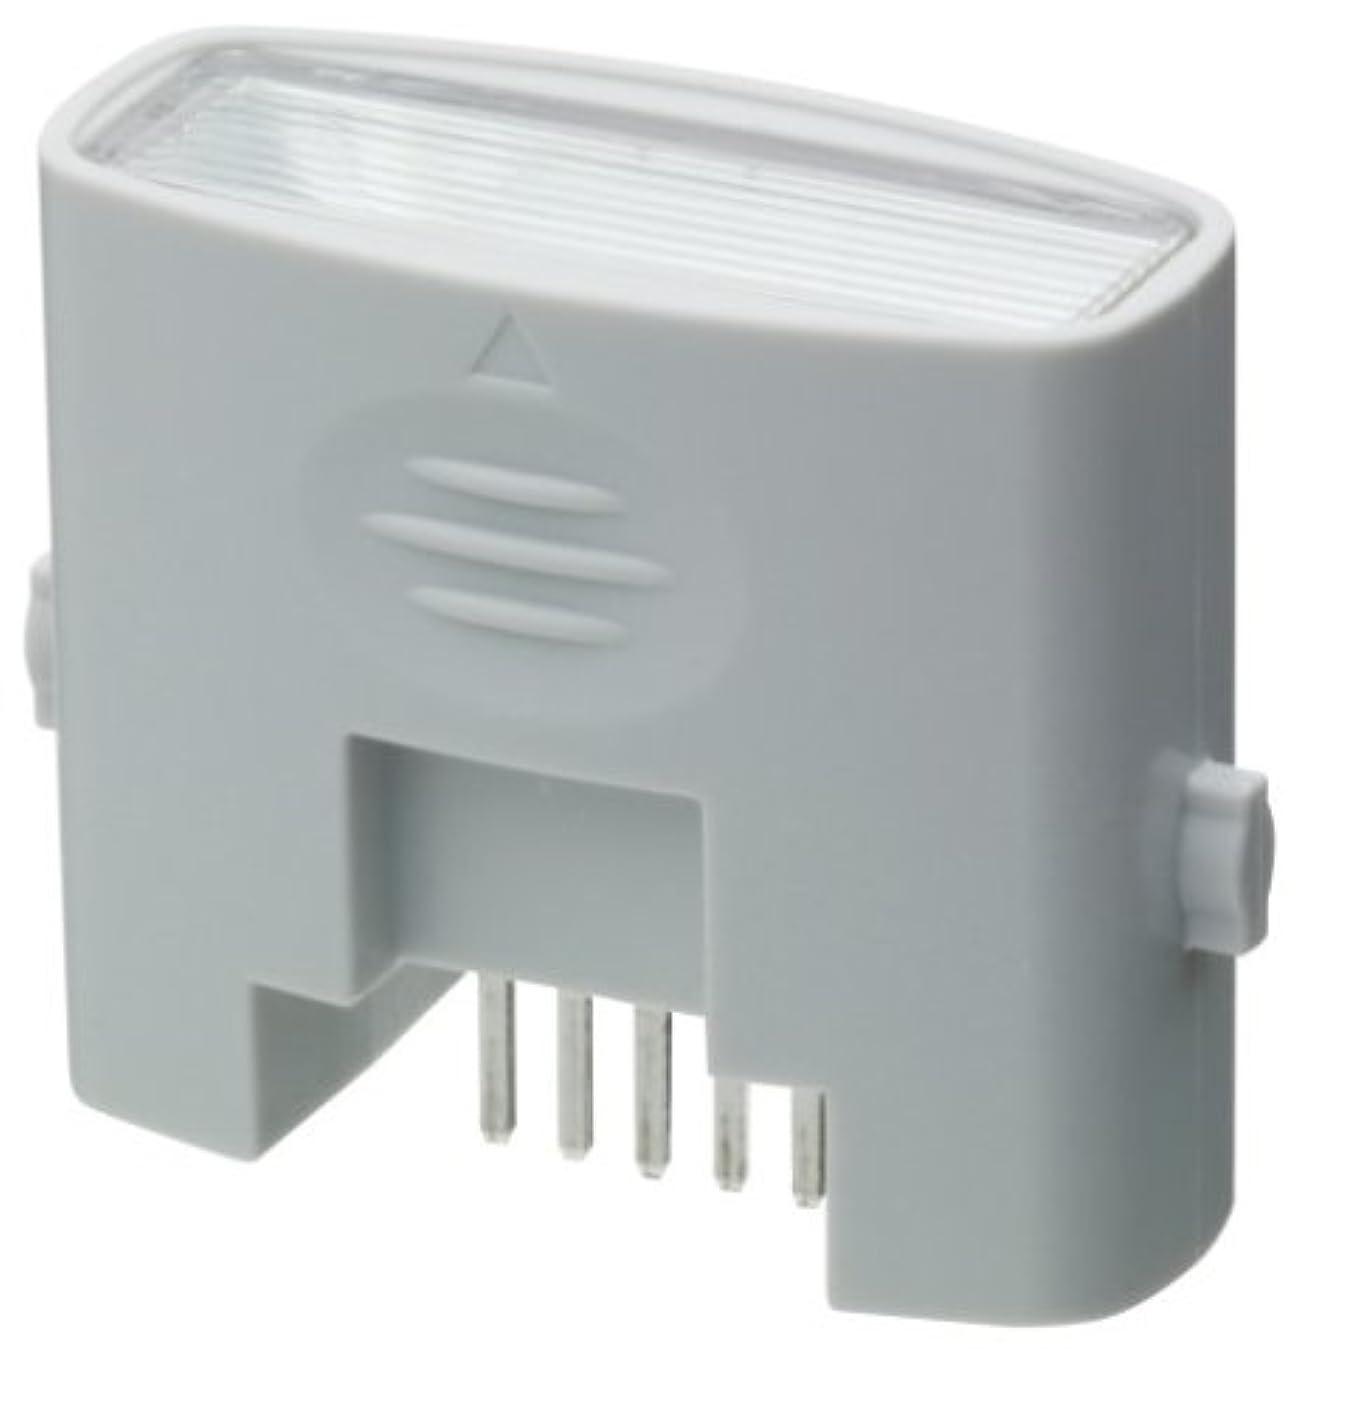 クモ不毛なしでパナソニック 光エステ 交換用ランプカートリッジ ES-2W11